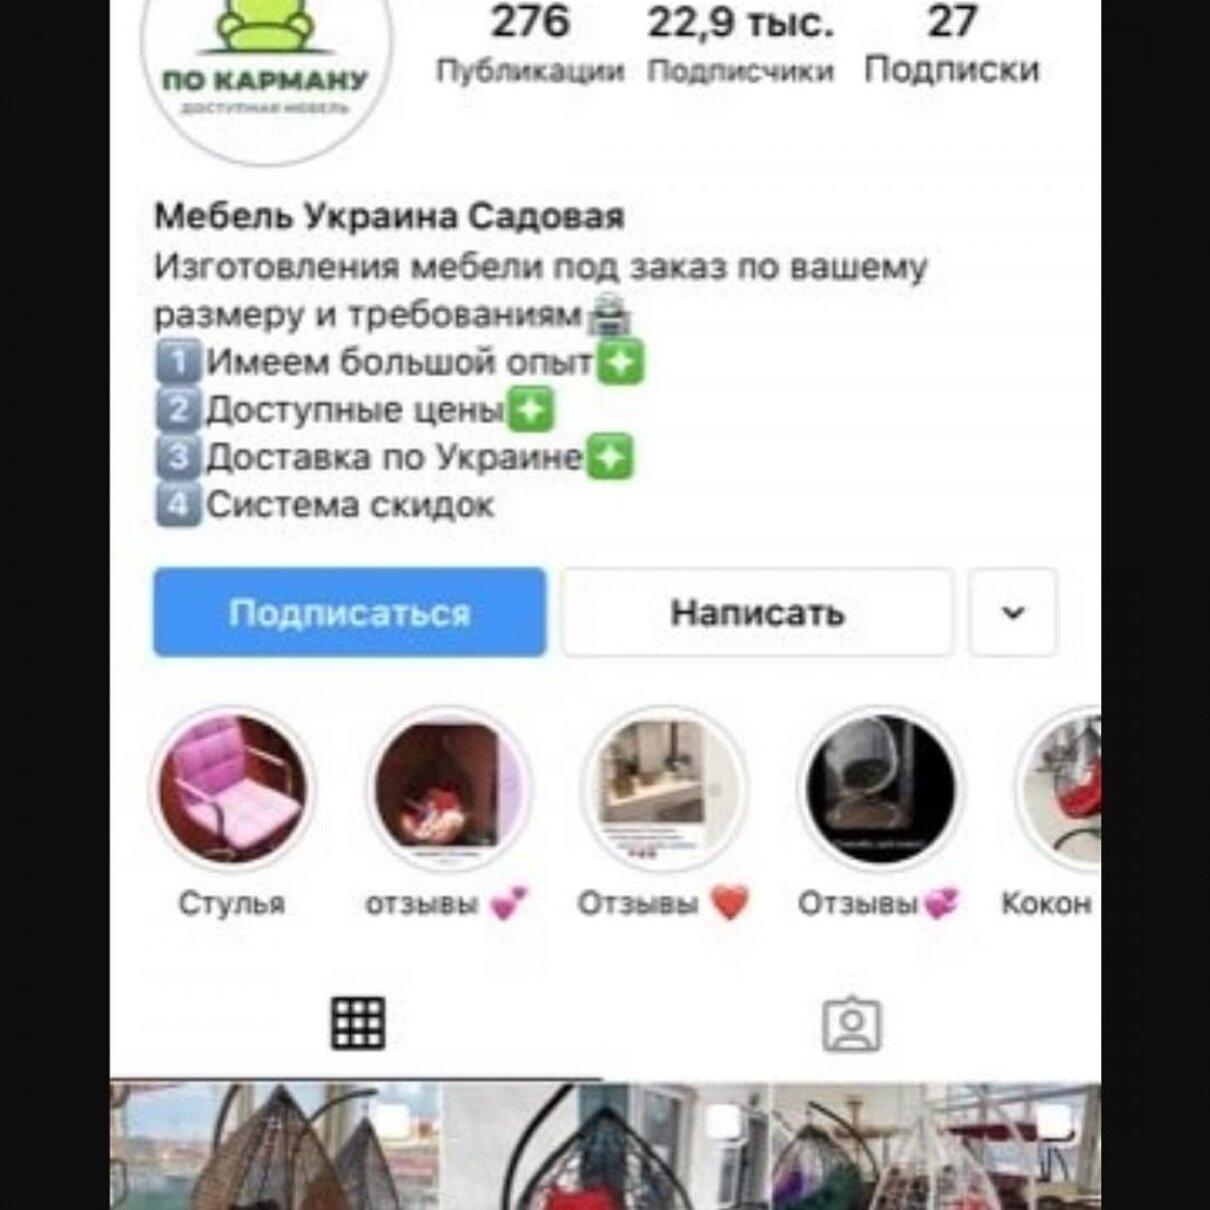 Жалоба-отзыв: Dom_sad_ua-сайт - МОШЕННИКИ!!!!!!!